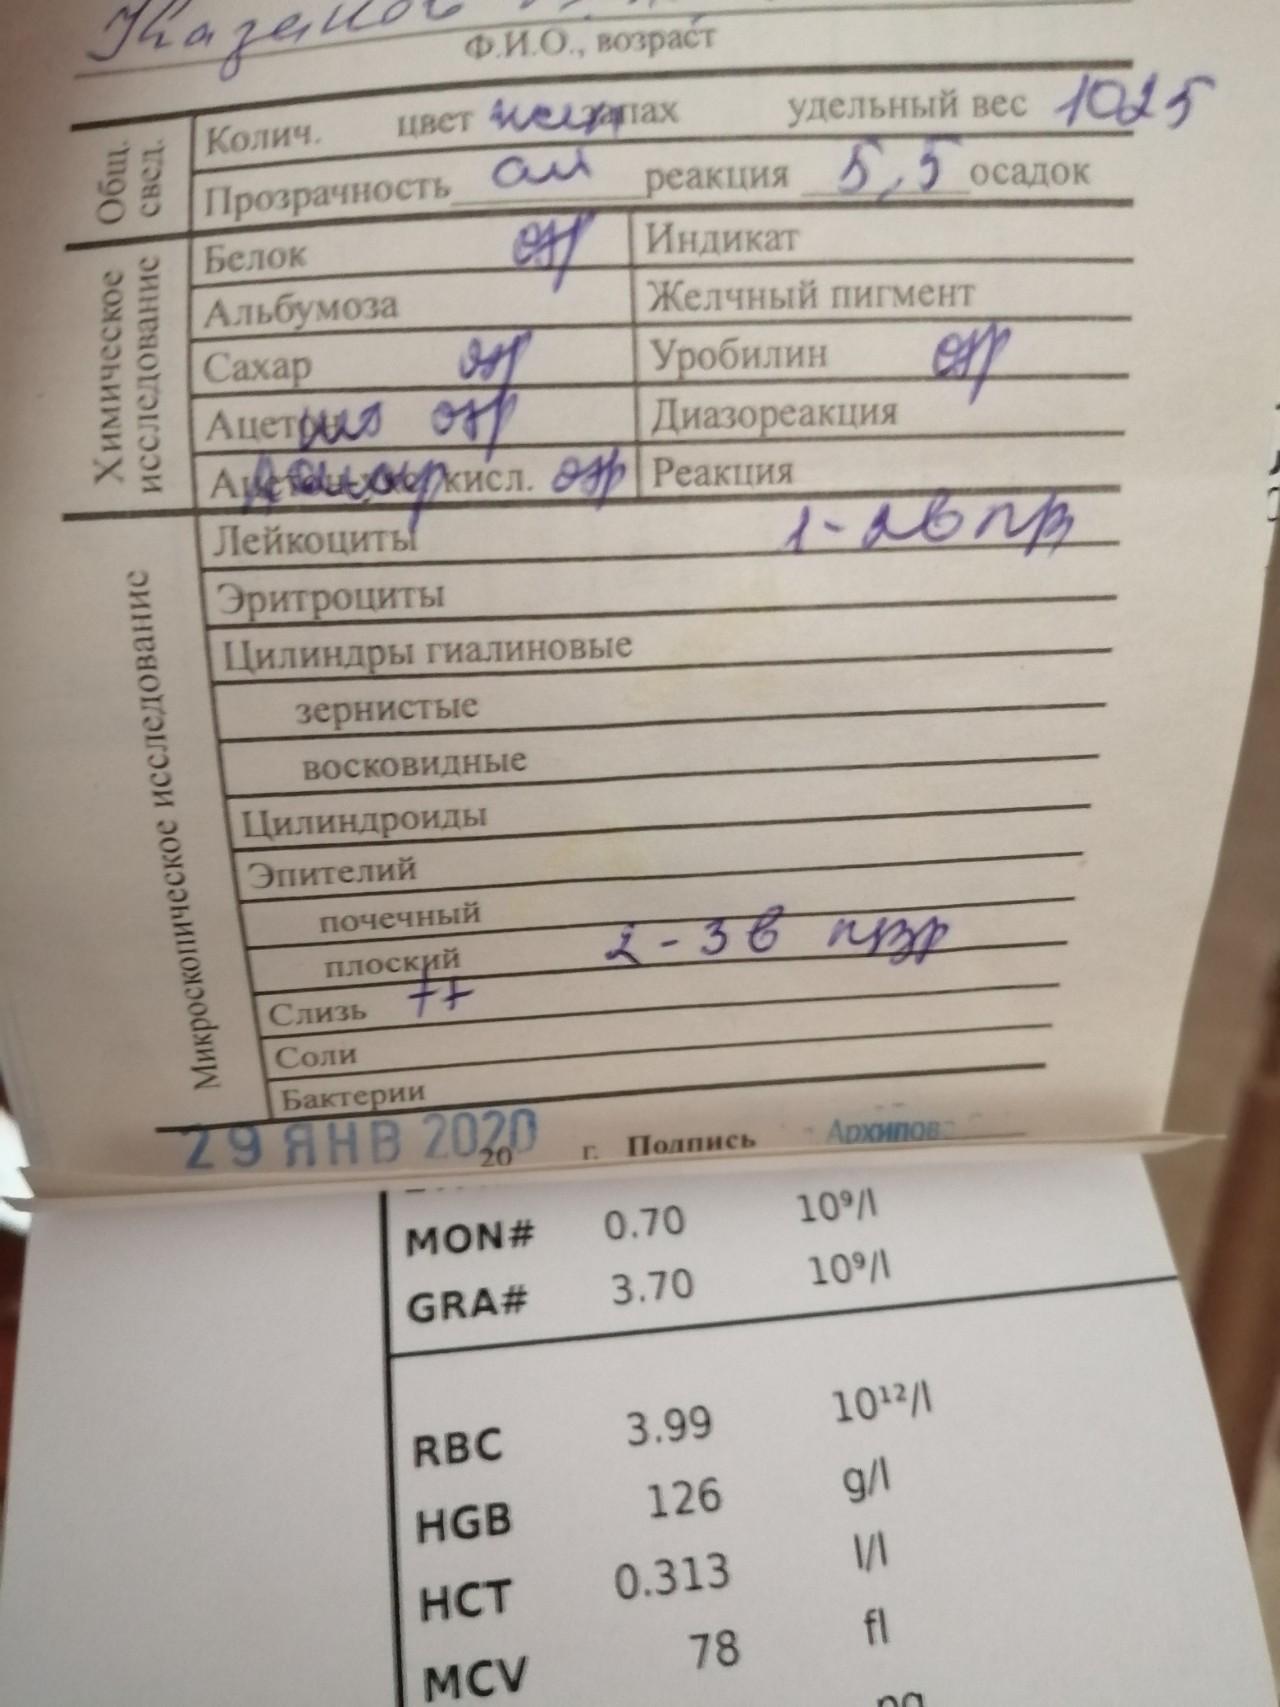 Сахар крови анализов результаты в стероидов анализ крови перед курсом